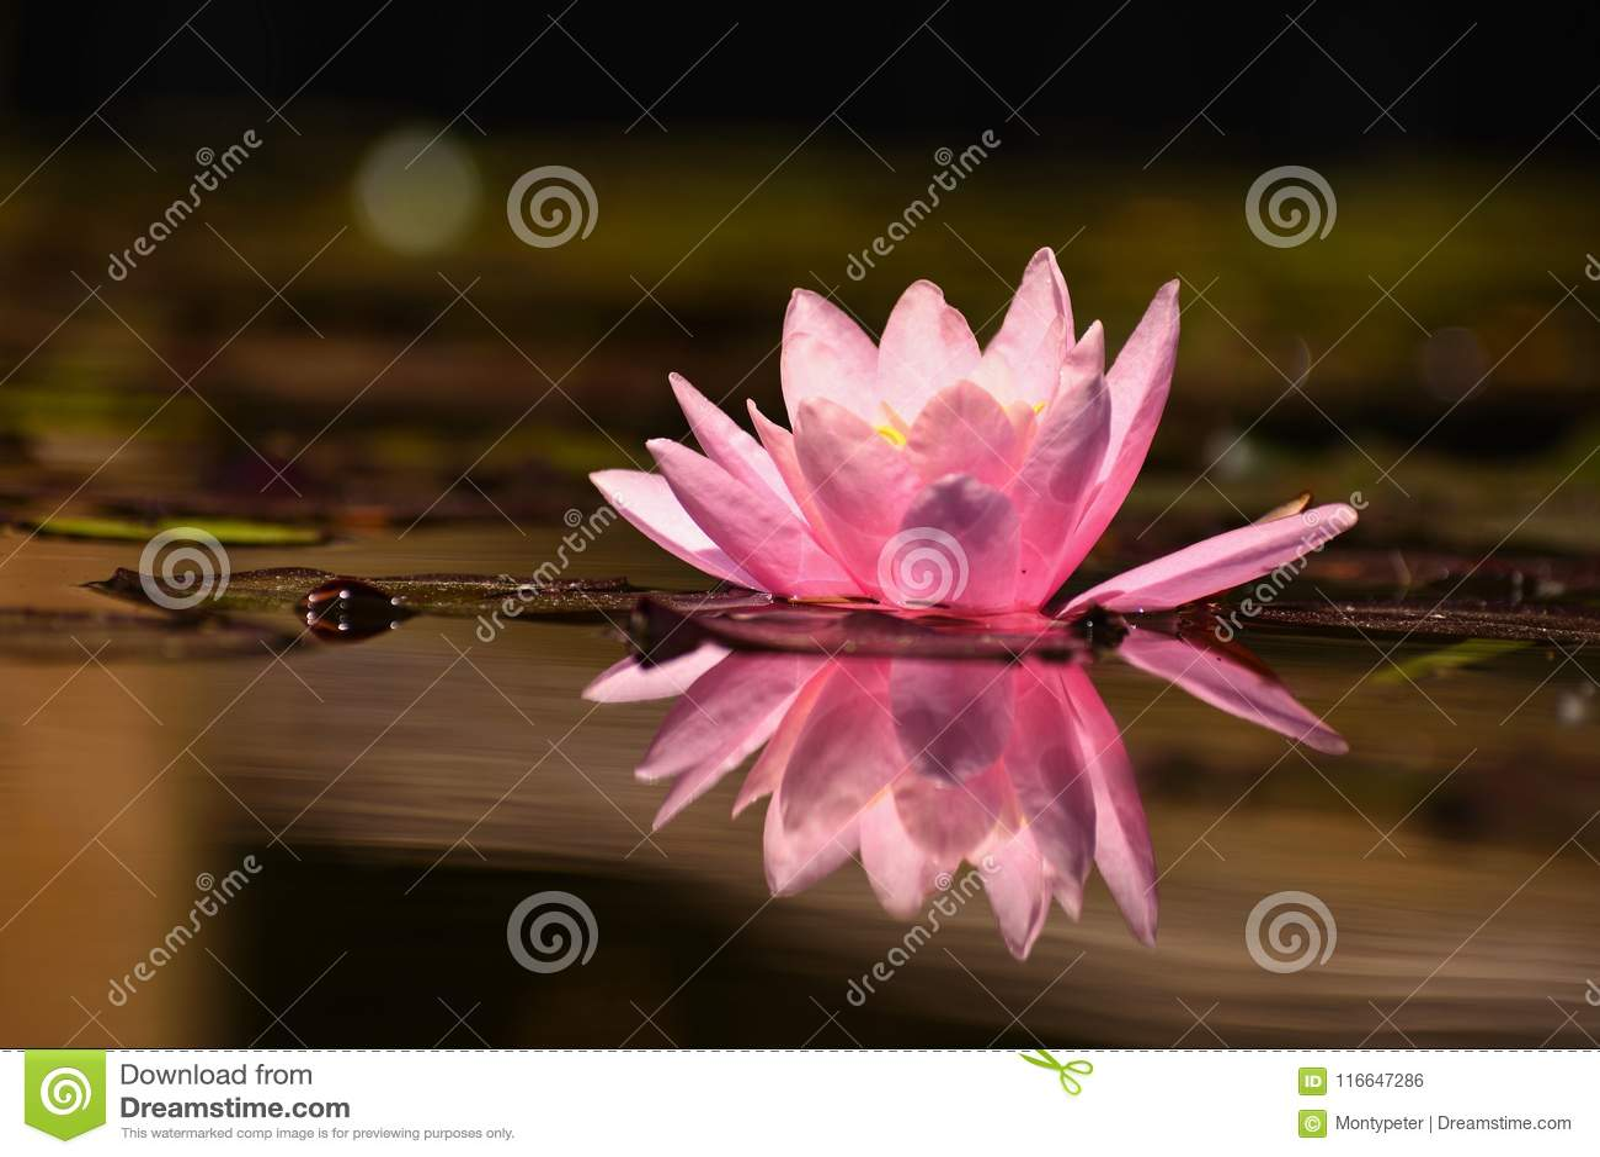 Pięknych kwiecenie menchii wodna leluja - lotos w ogródzie w stawie tło odbicia pluskotali nawierzchniową wodę